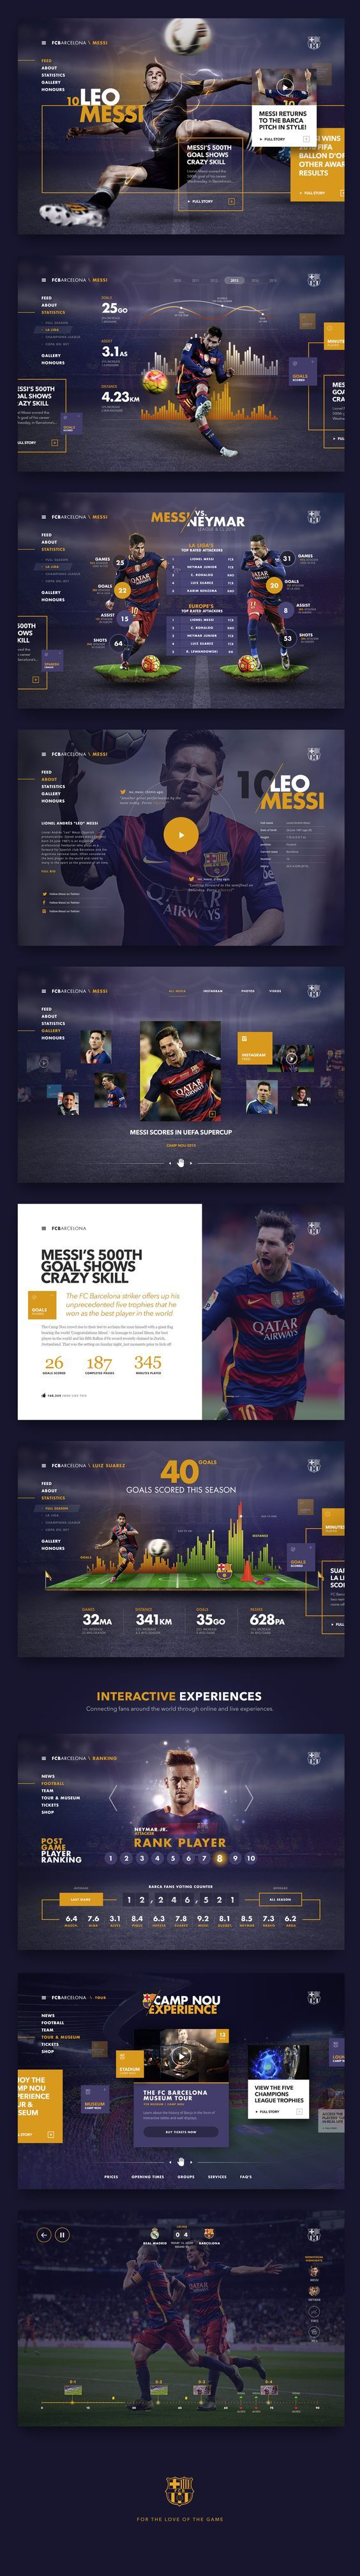 FC Barcelona design by Fred Nerby. https://www.behance.net/gallery/37276397/FC-Barcelona: